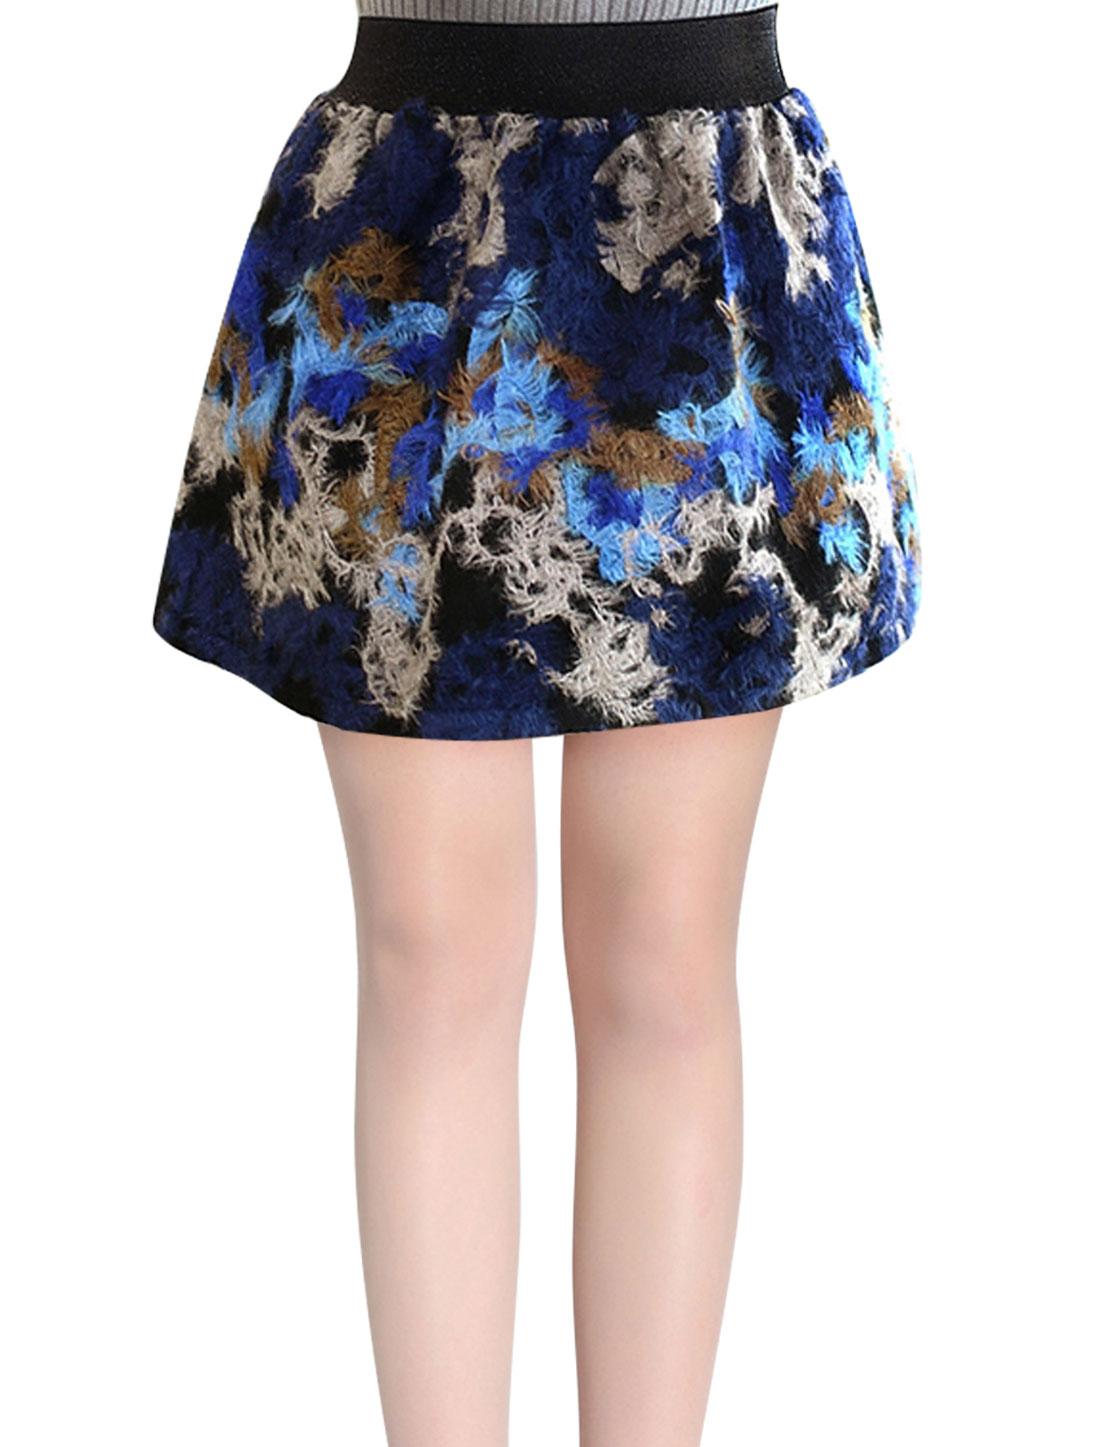 Women Feather Design Ruffled Detail Full Lined Full Skirt Khaki Navy Blue S